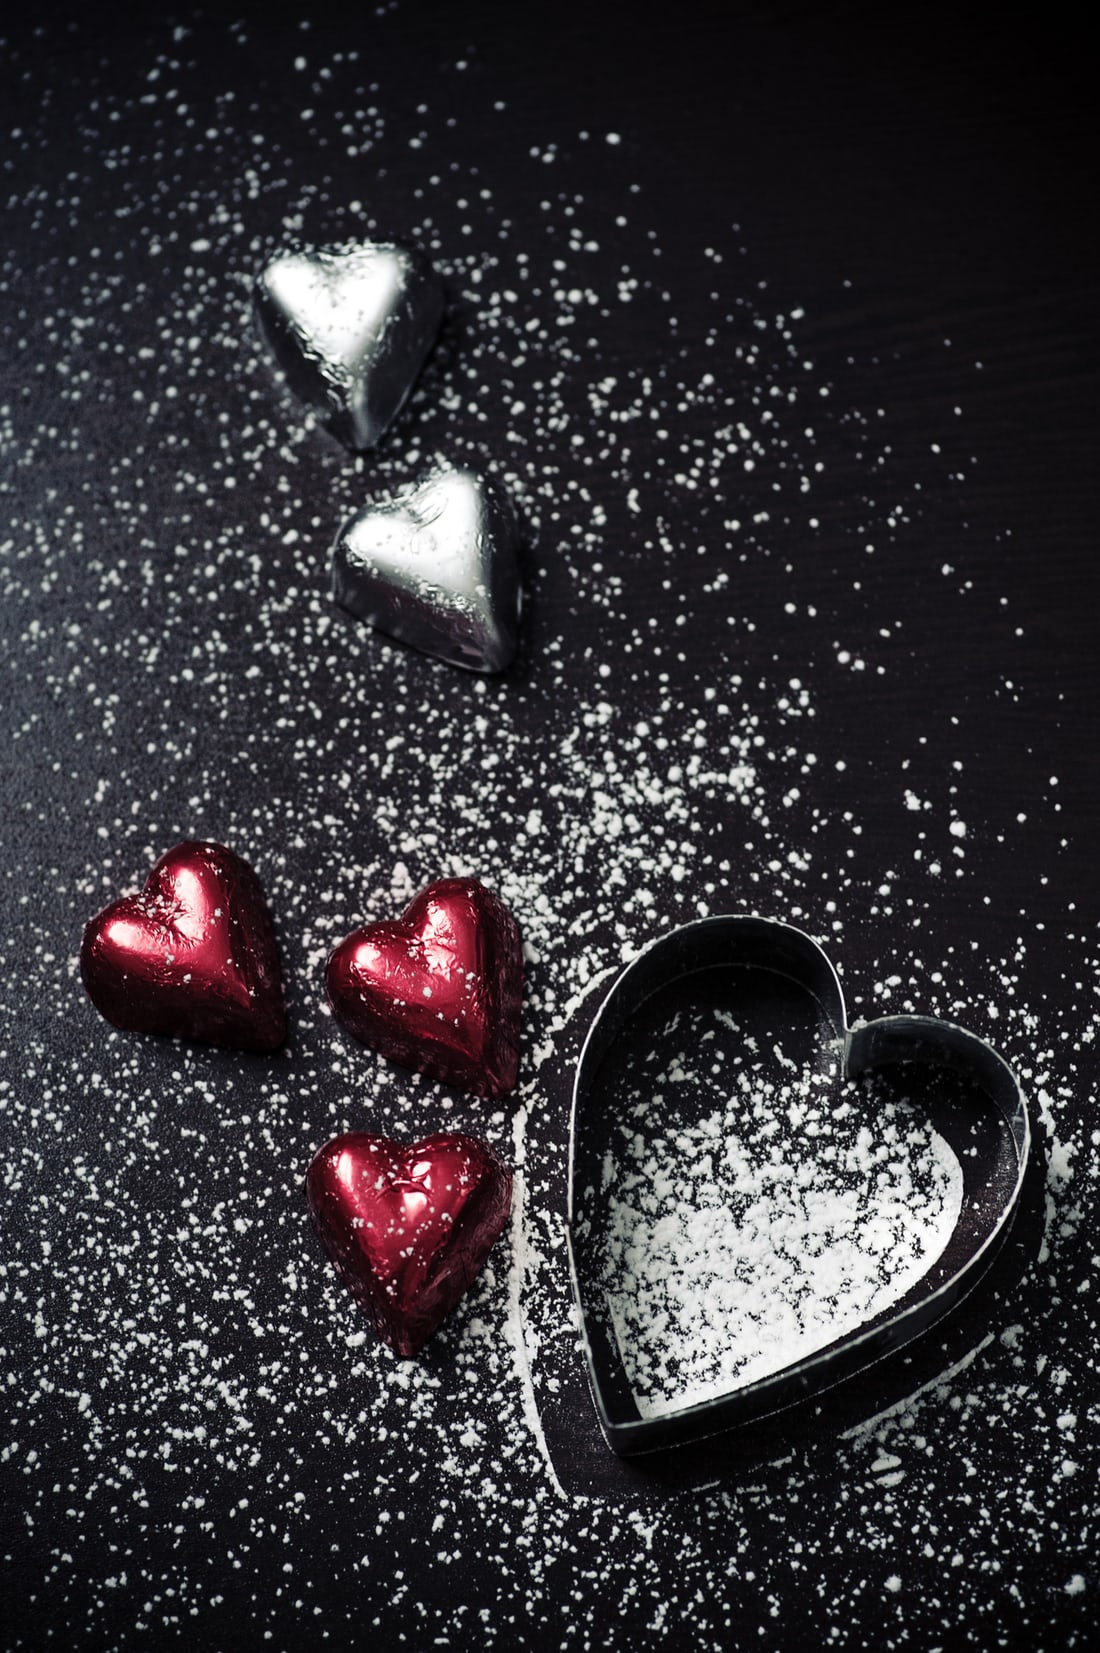 صور حب صور رومانسيه صورحب صور عشق صور عن الحب صور عشاق 2020 1